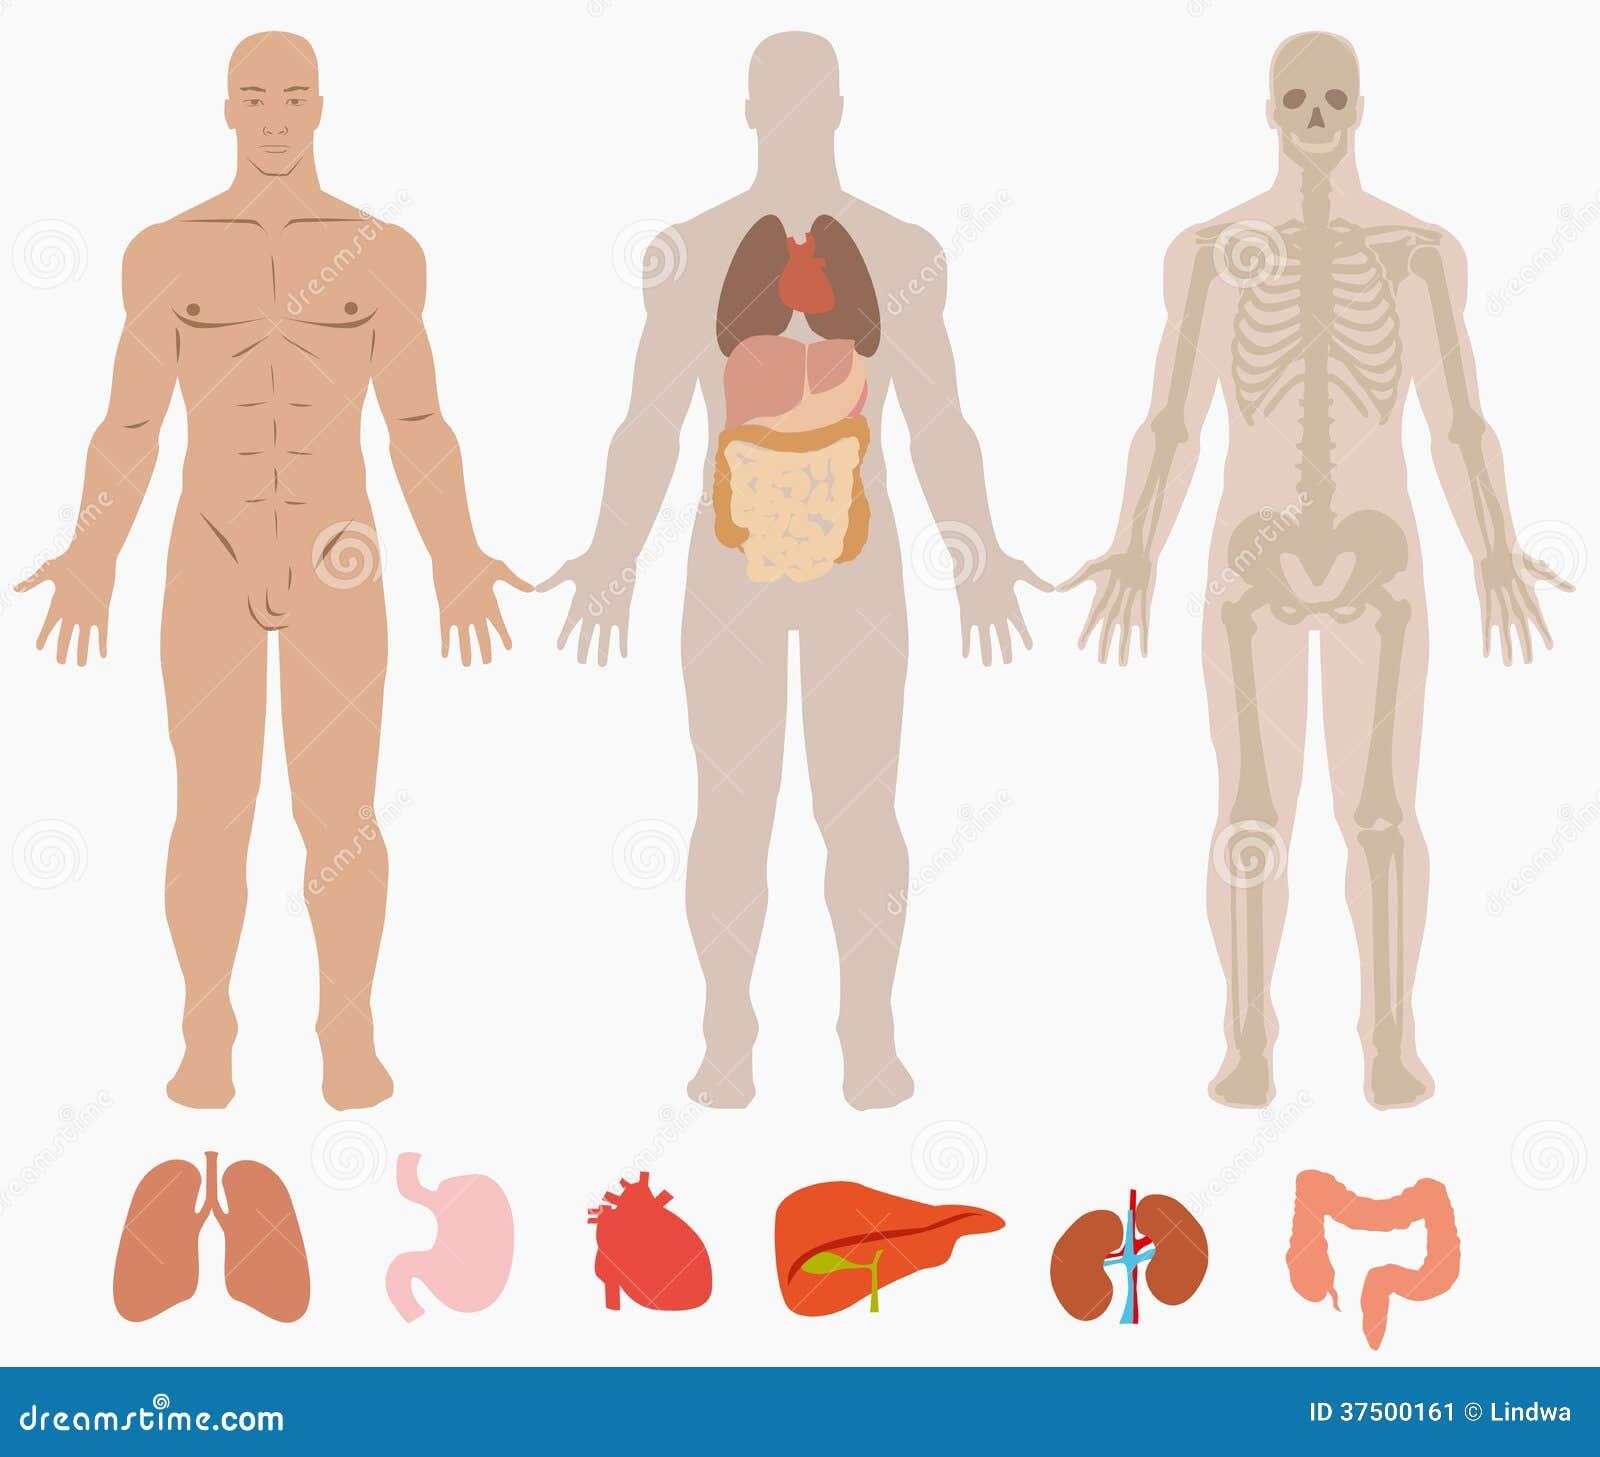 Anatomía humana del hombre ilustración del vector. Ilustración de ...